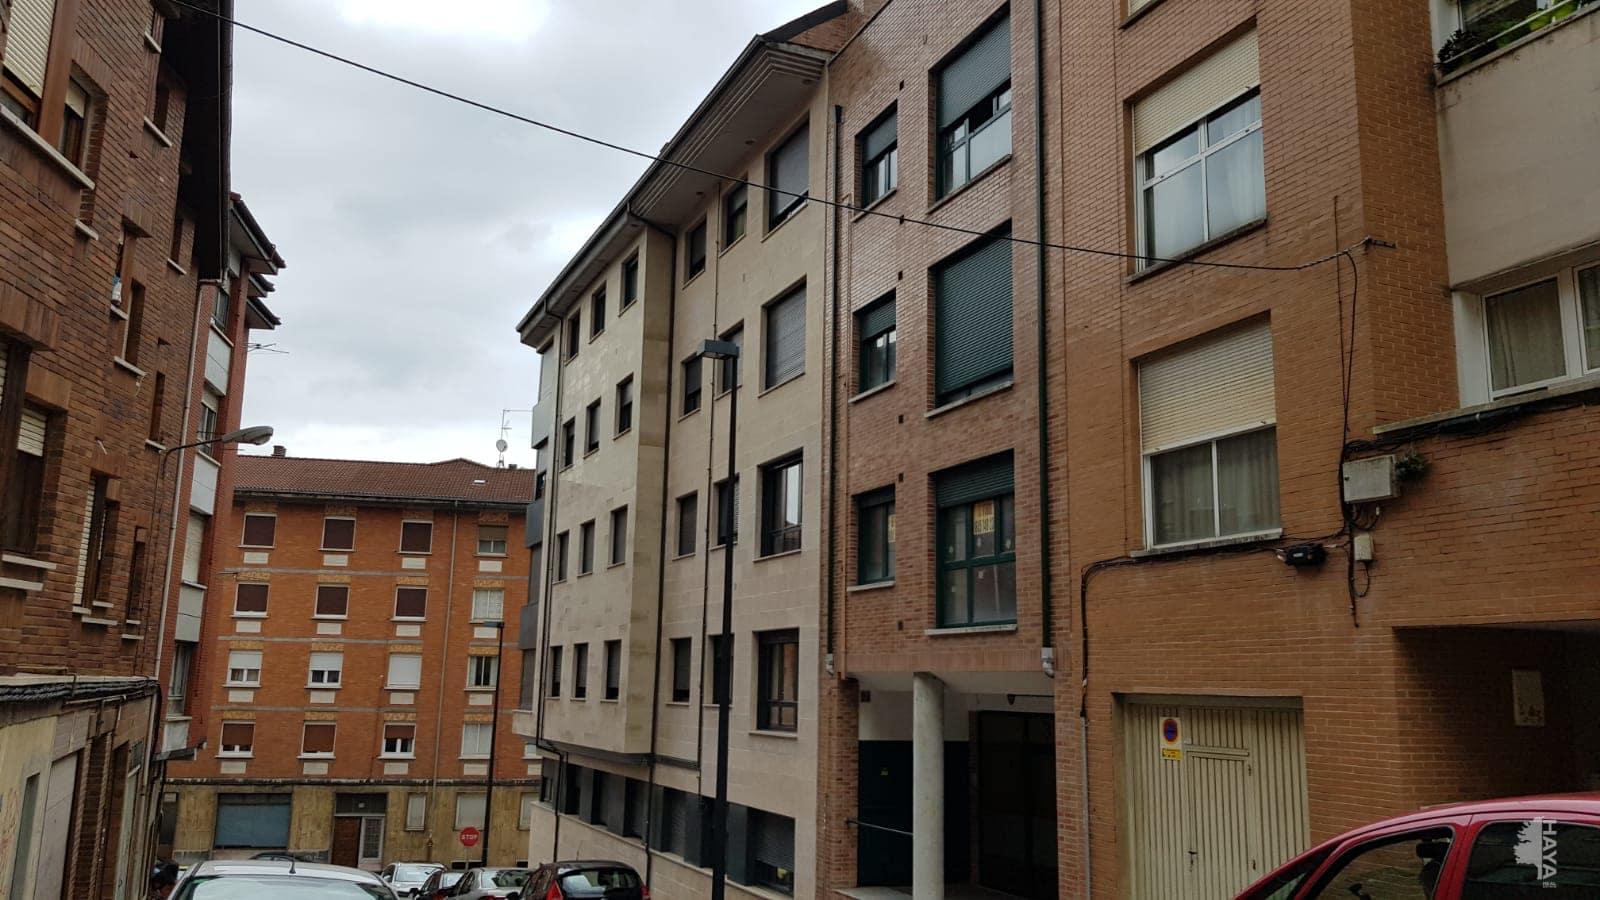 Piso en venta en Lena, Asturias, Calle Monte Ablanedo, 71.000 €, 3 habitaciones, 1 baño, 123 m2